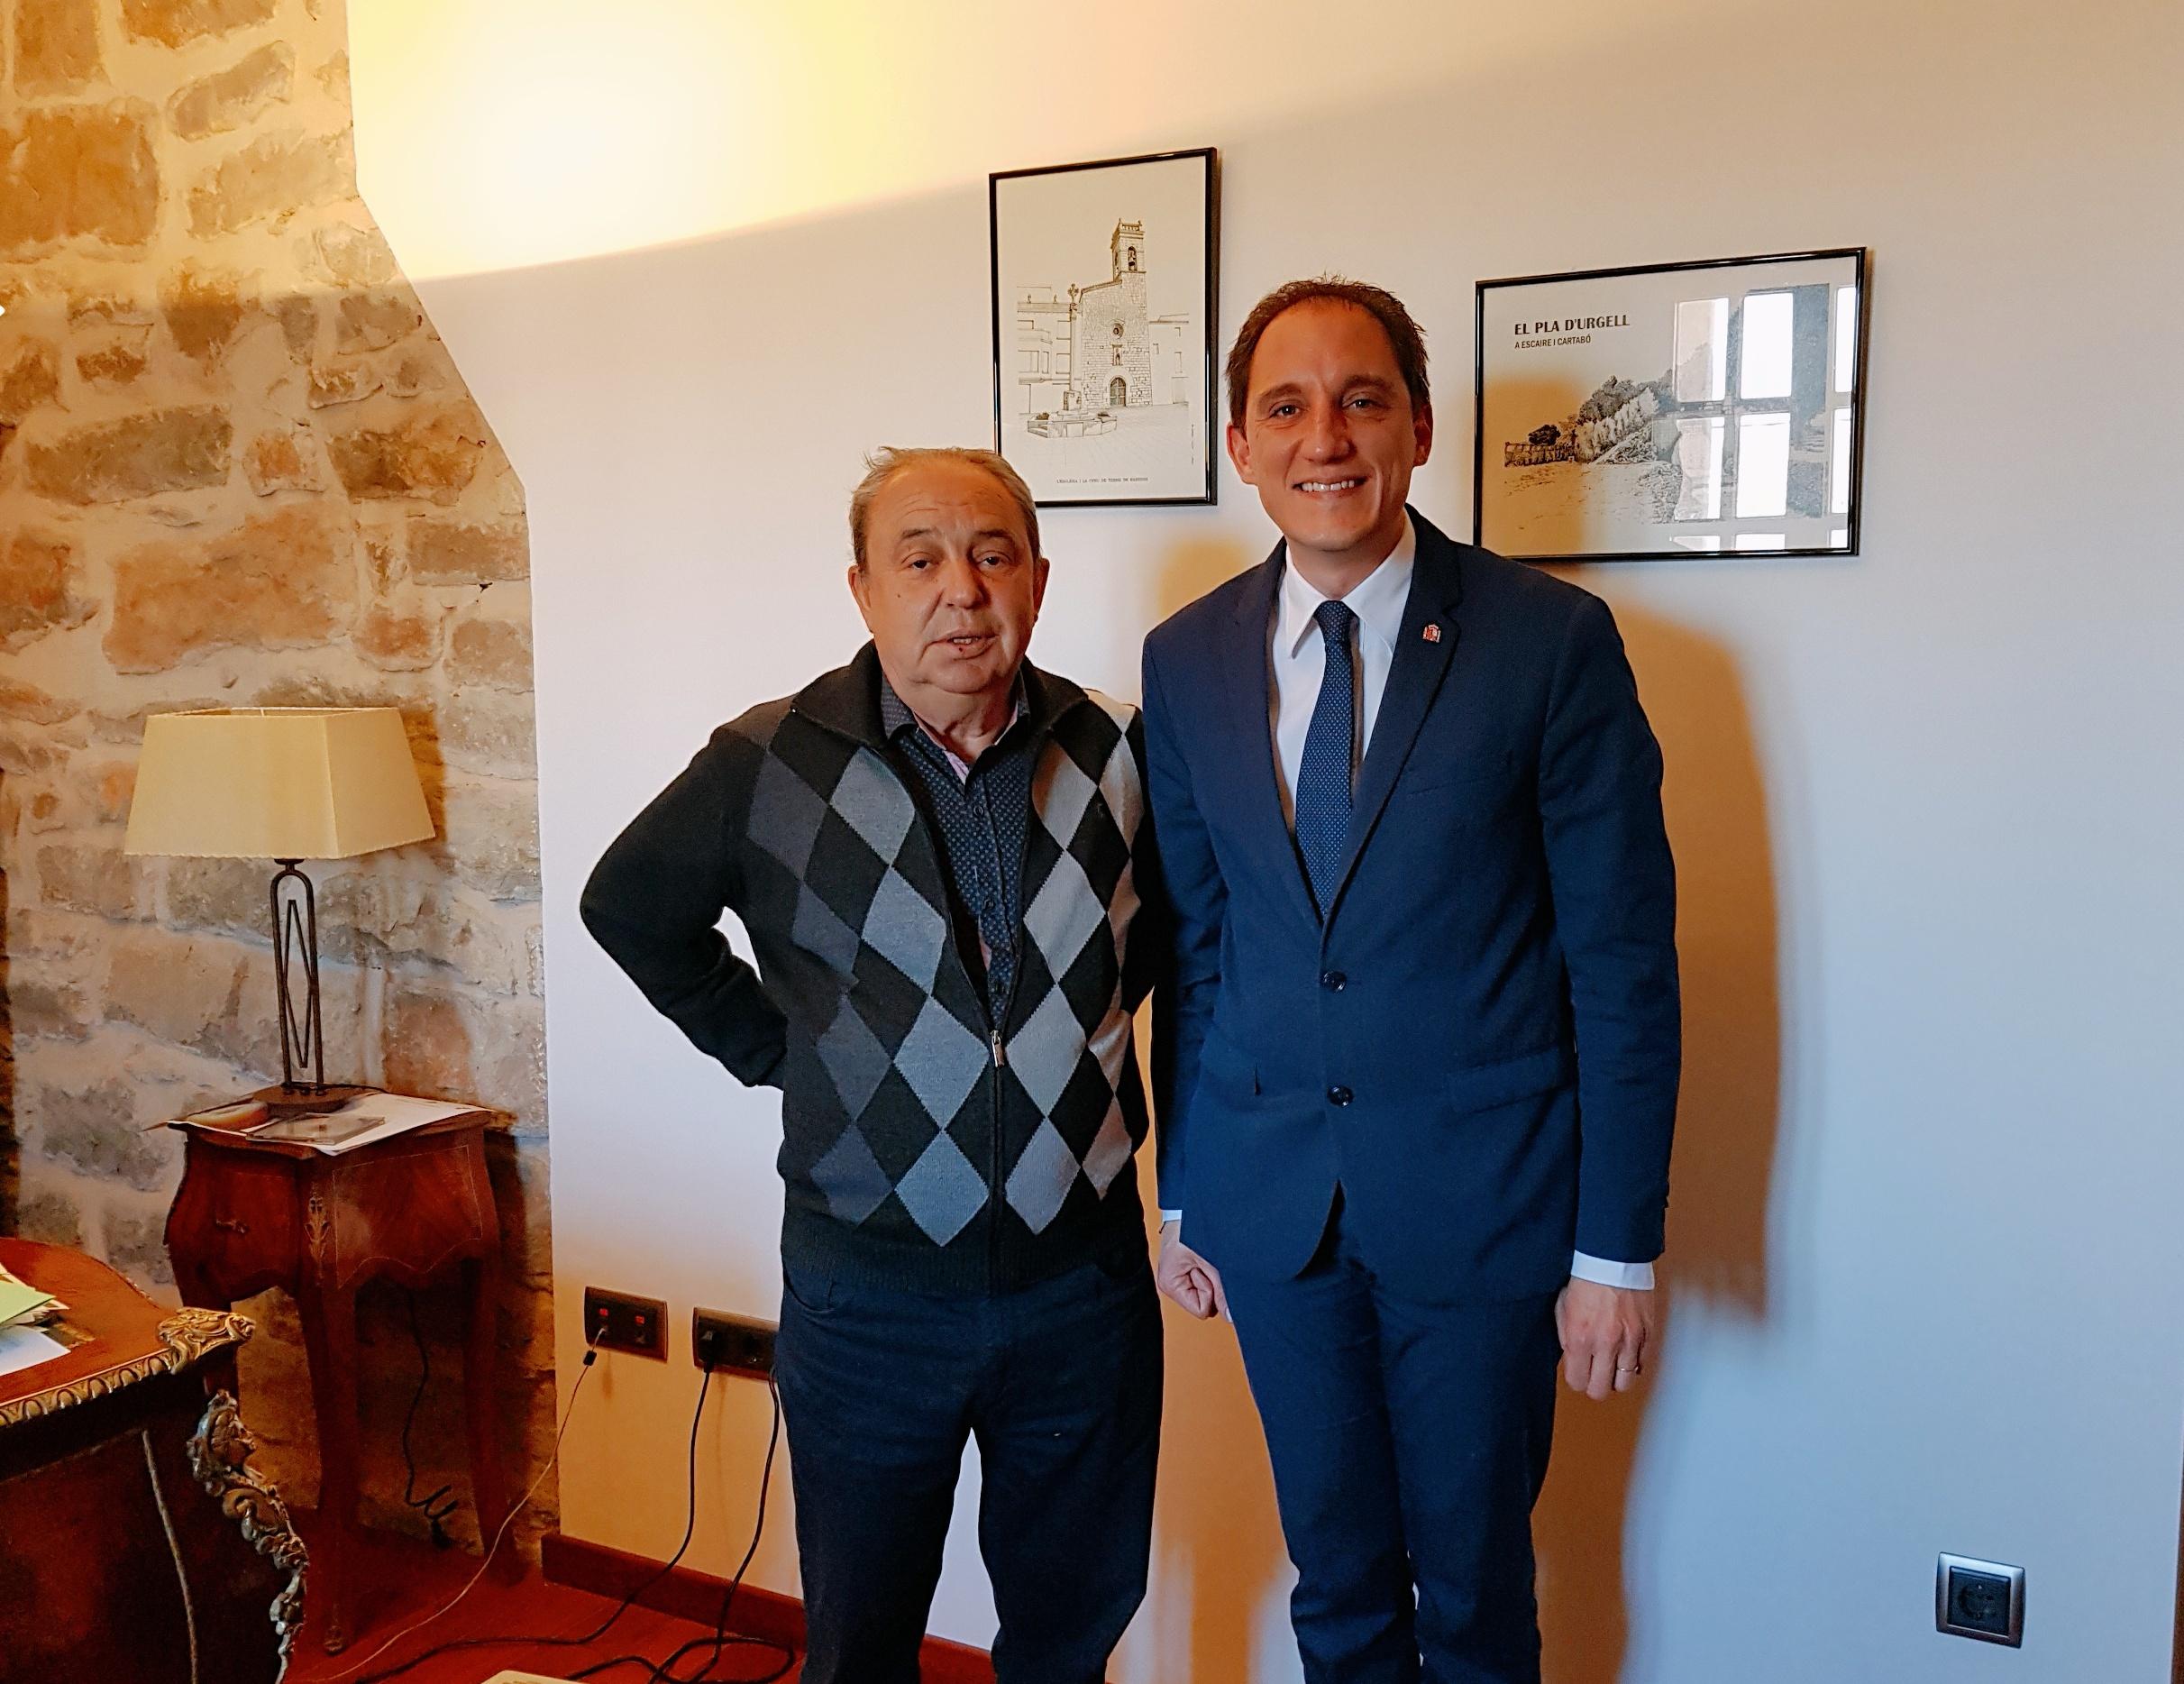 20190226 Subdelegat amb alcalde de Barbens, José Luis Plaza